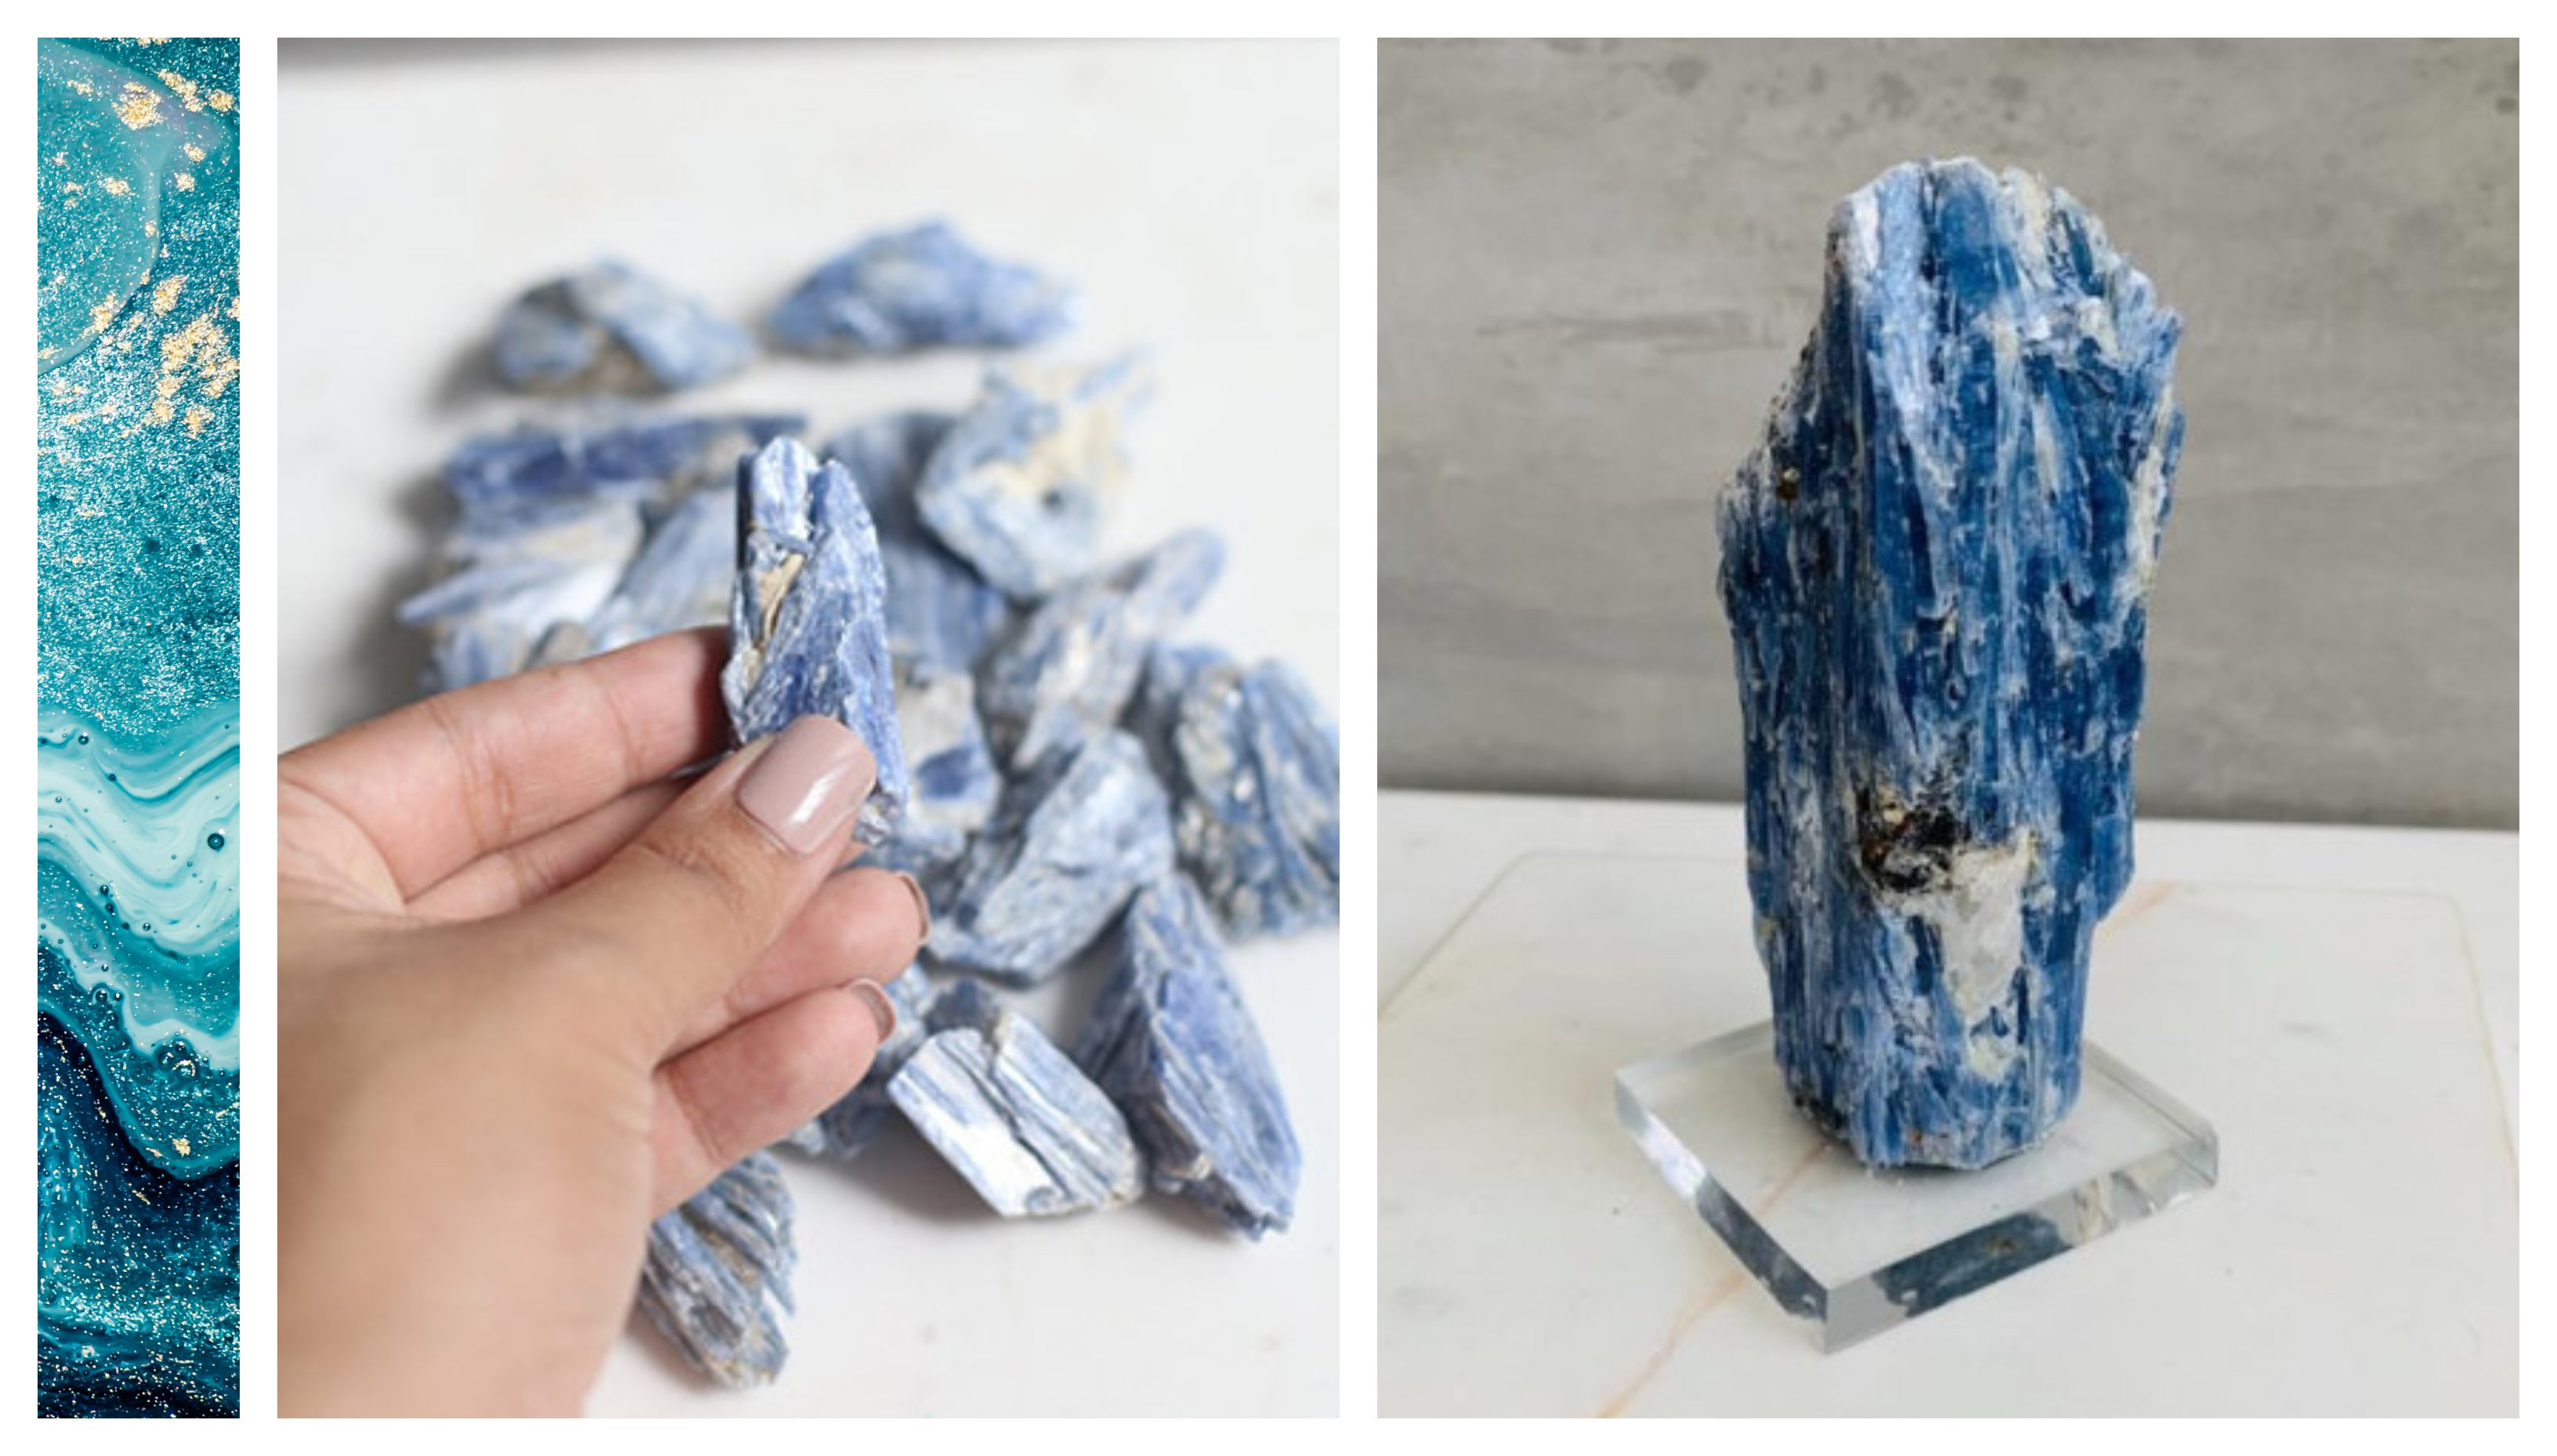 cianita azul dicas de uso